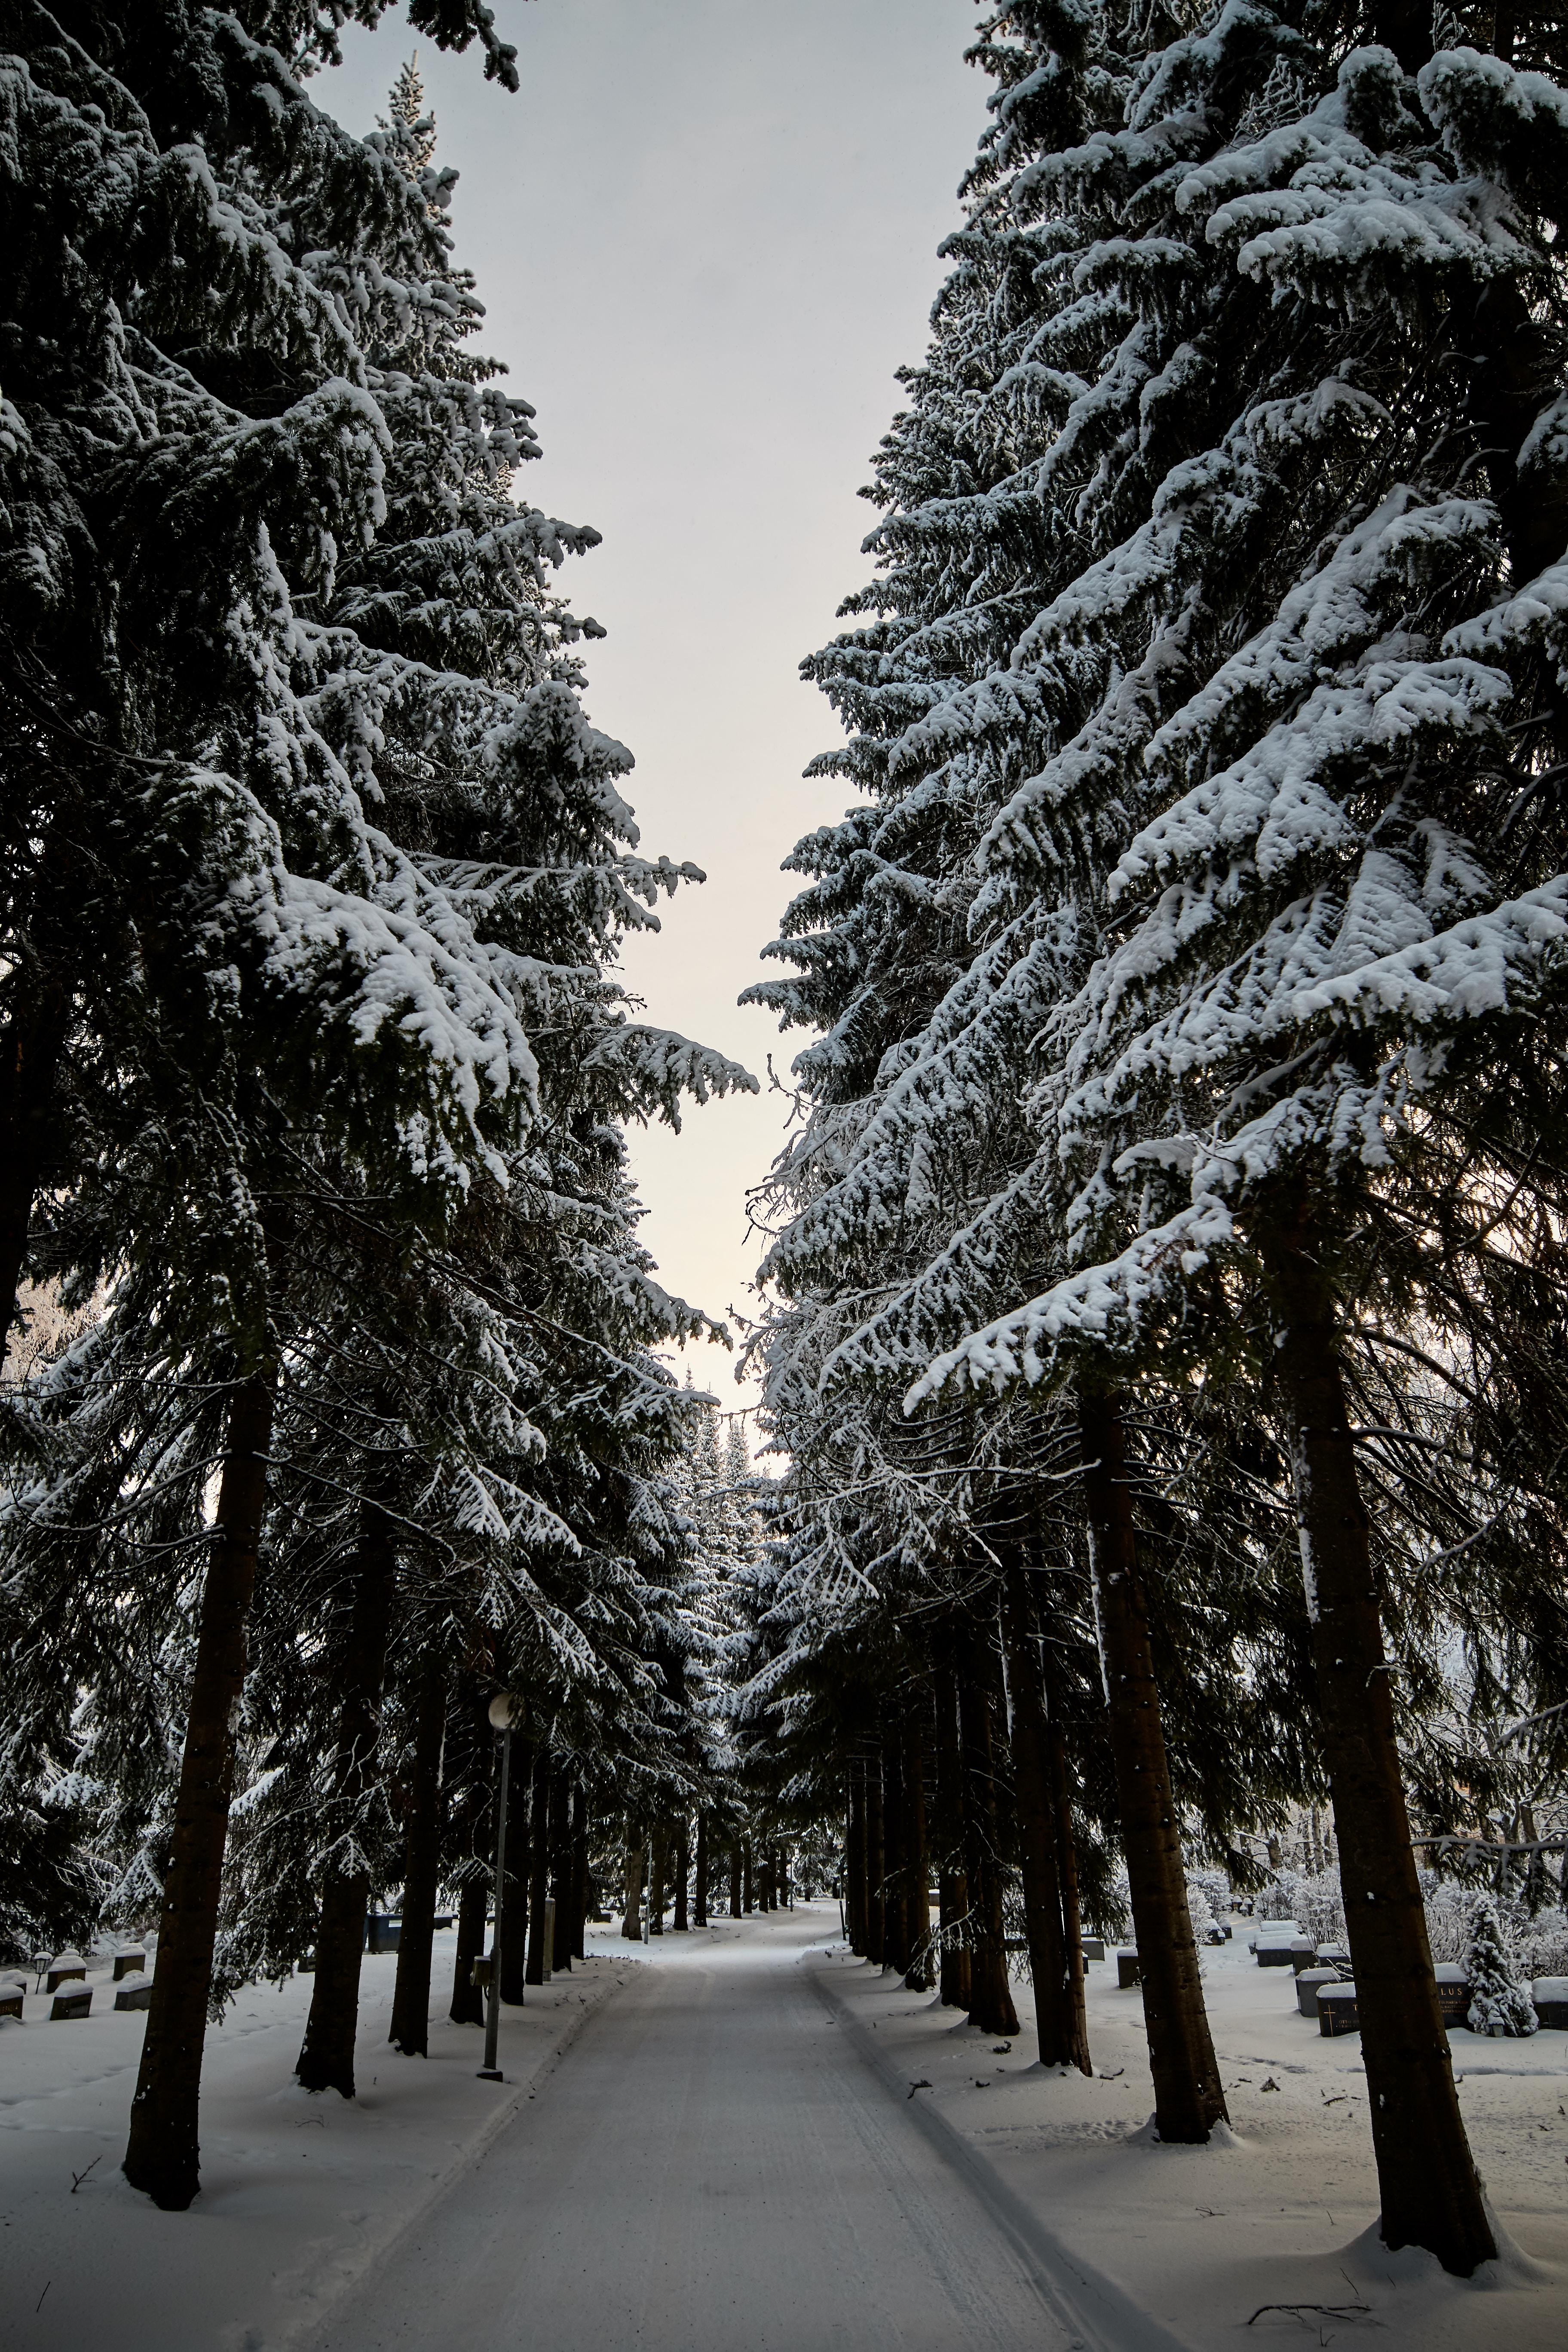 69503 скачать обои Природа, Дорога, Снег, Зима, Деревья, Елки - заставки и картинки бесплатно